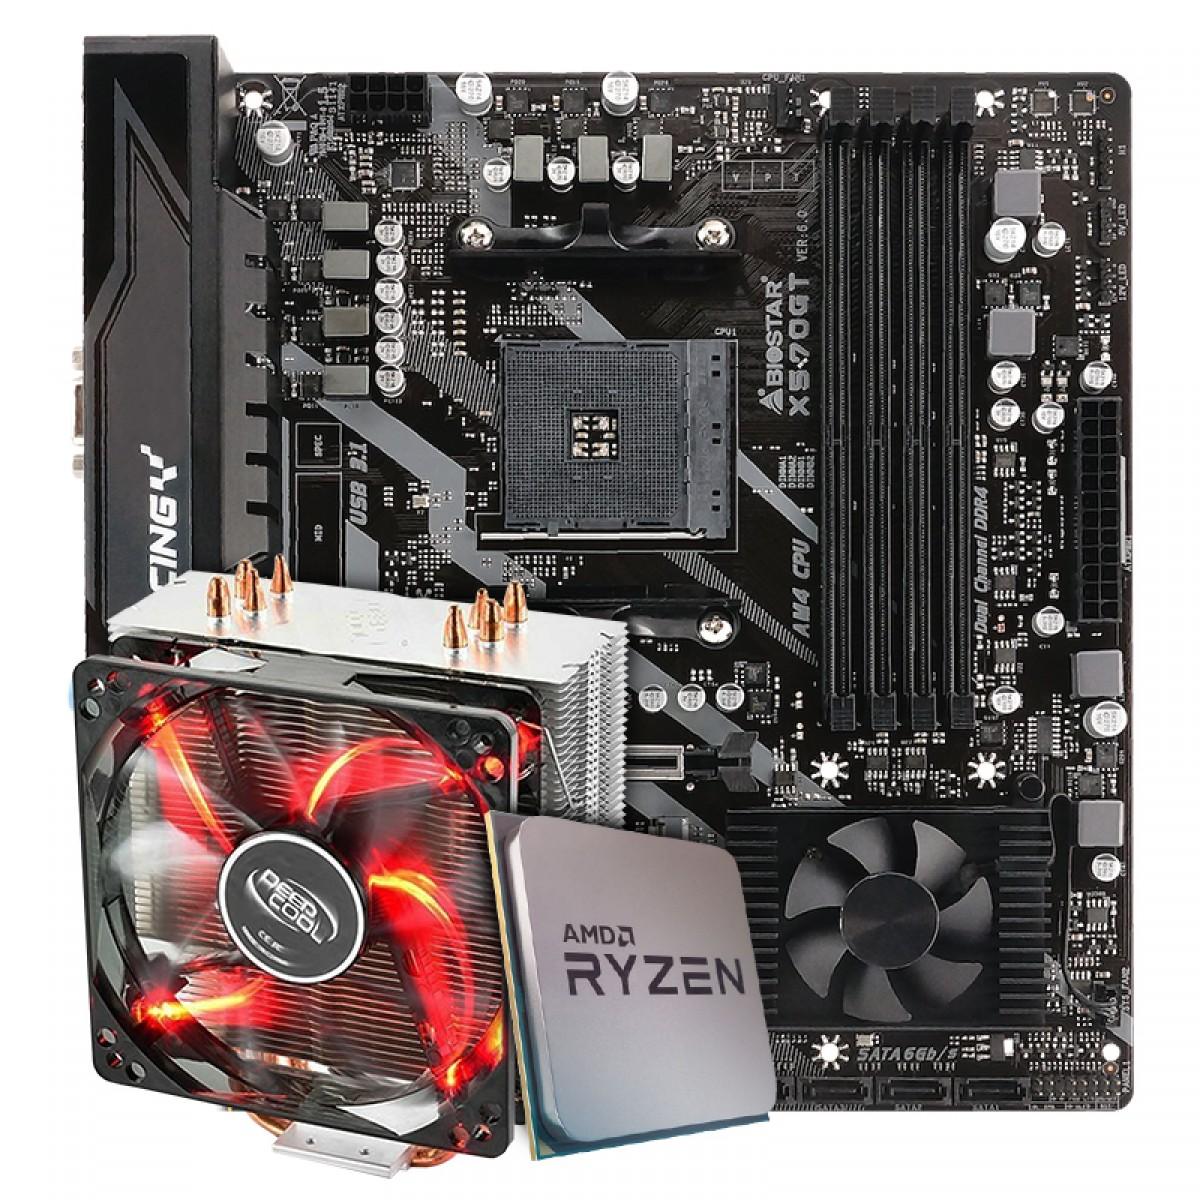 Kit Upgrade Placa Mãe Biostar Racing X570GT + Processador AMD Ryzen 9 3900x 3.8GHz + Cooler DeepCool Gammaxx 400